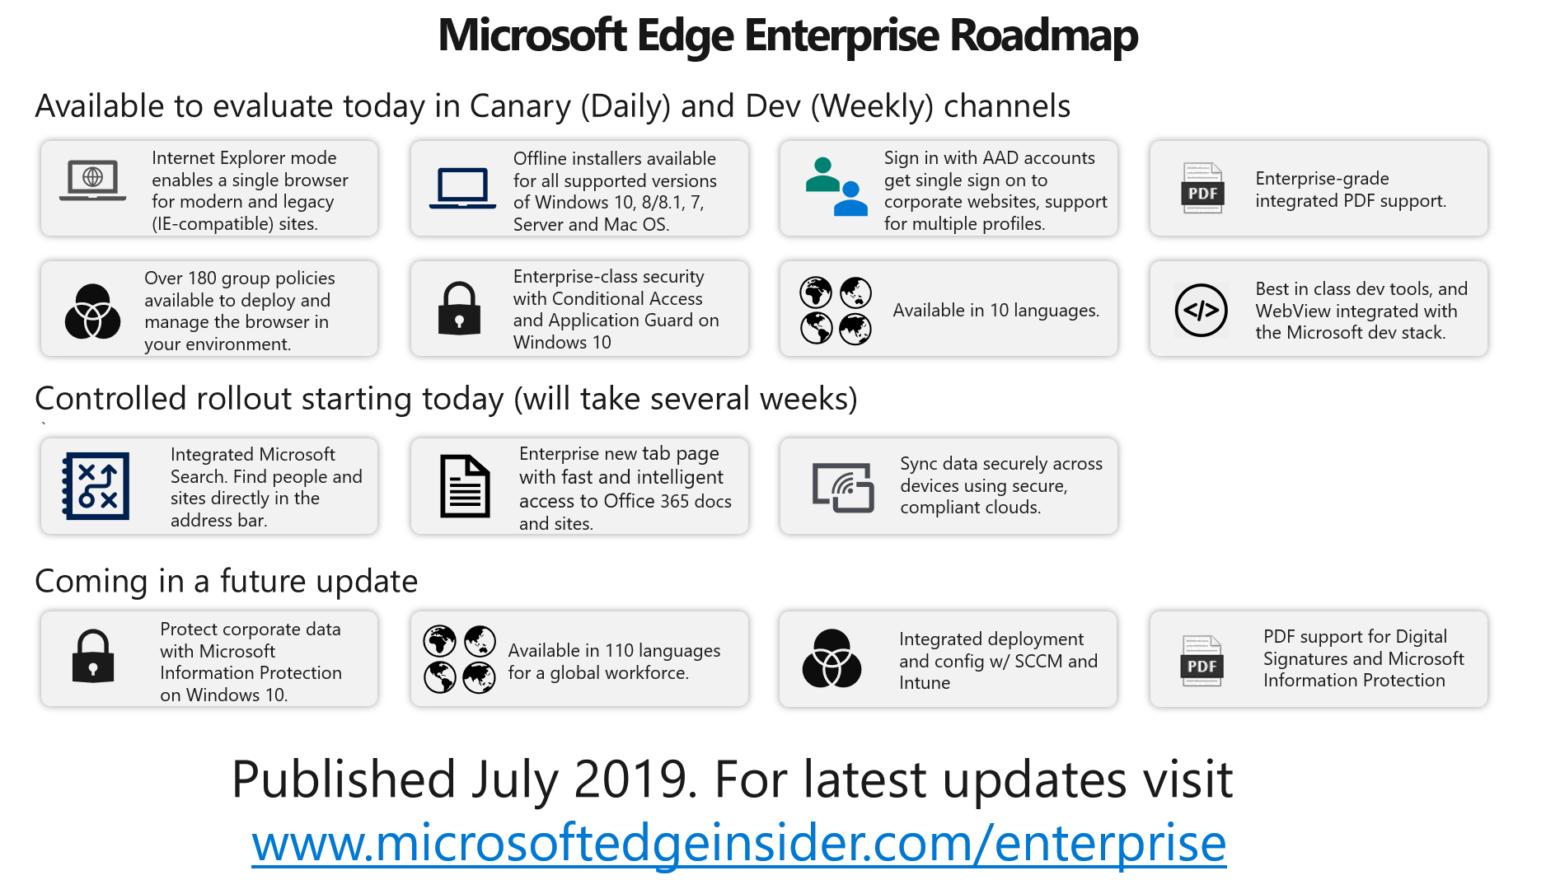 Microsoft-Edge-miglior-browser-per-azienda